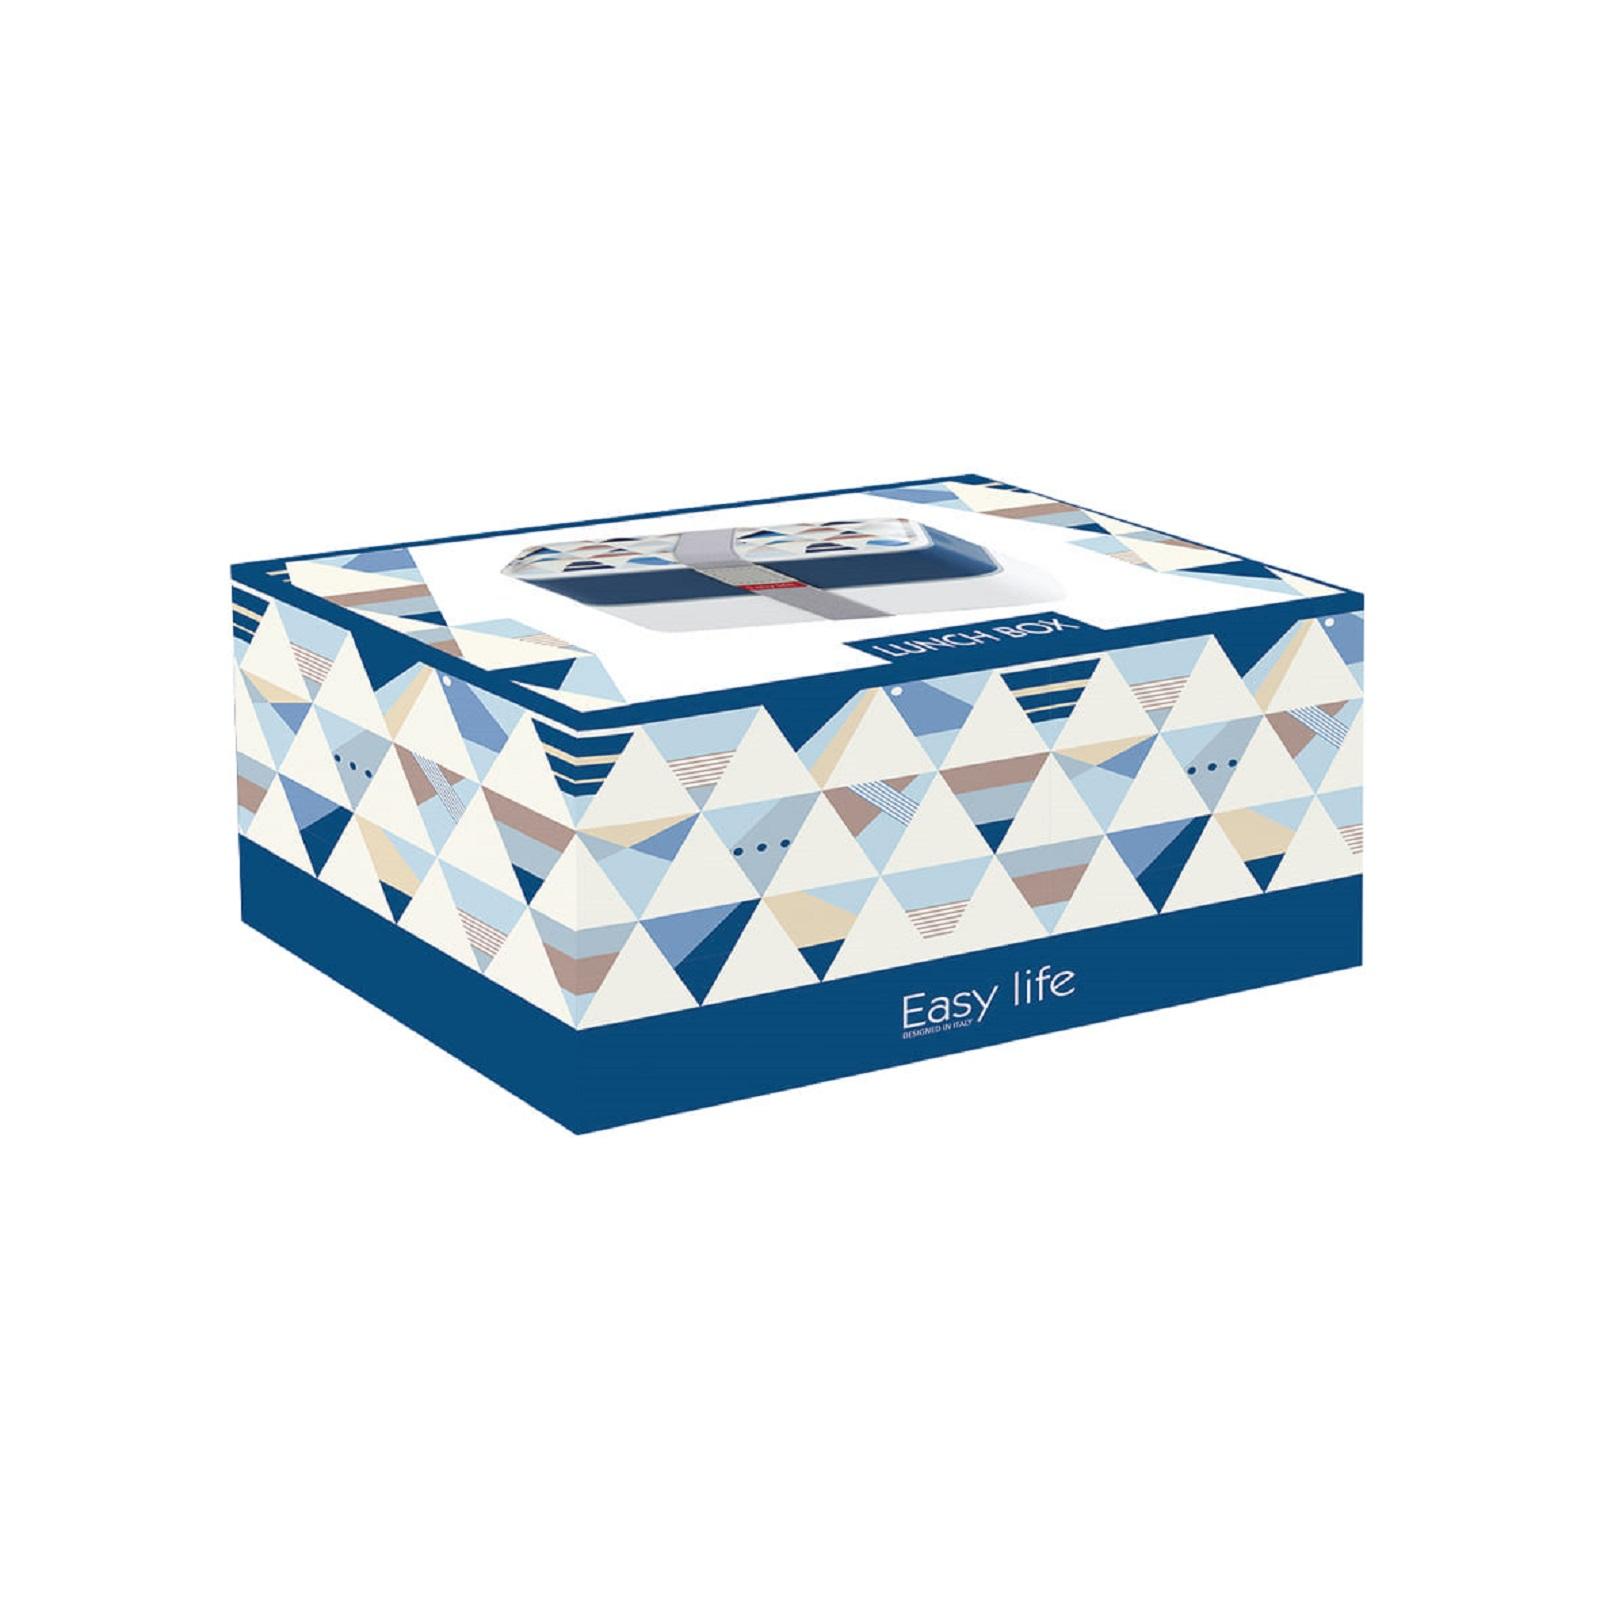 Ланч-бокс Easy Life, объем 1,2 л, 18,5x10,5x10 см, белый с синим Easy Life 2500 GEO1 фото 1